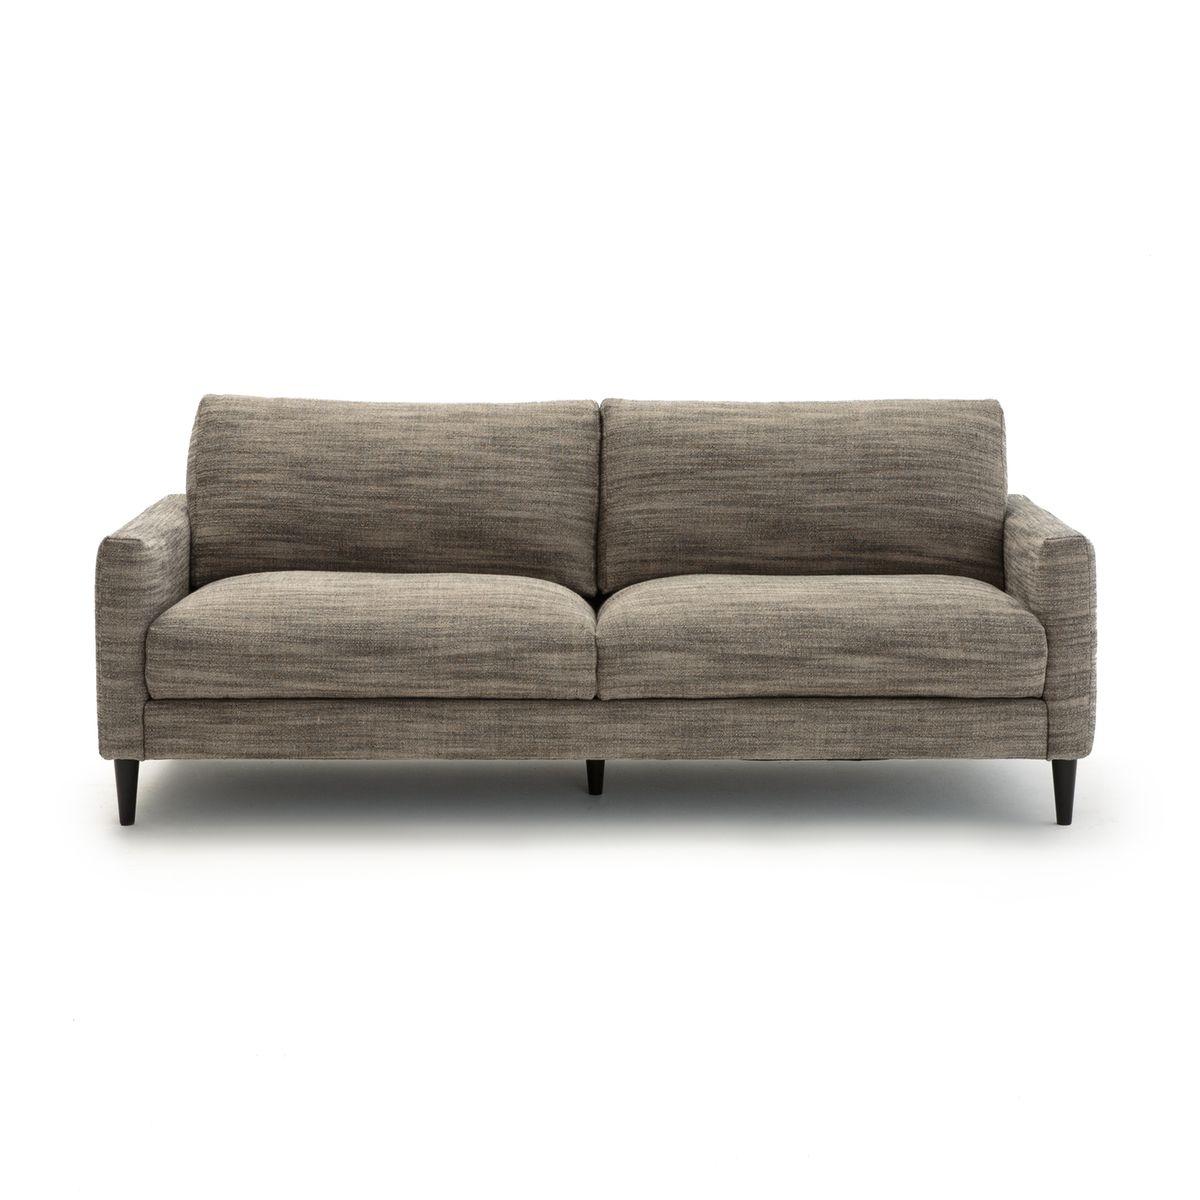 Le canapé 3 ou 4 places fixe Aristote en lin épais chambray. Ce canapé, au design ultra contemporain, mise sur l'élégance de son tissu velours et sur une assise particulièrement généreuse.Fabrication française. - Confort dassise : accueil moelleux, souti